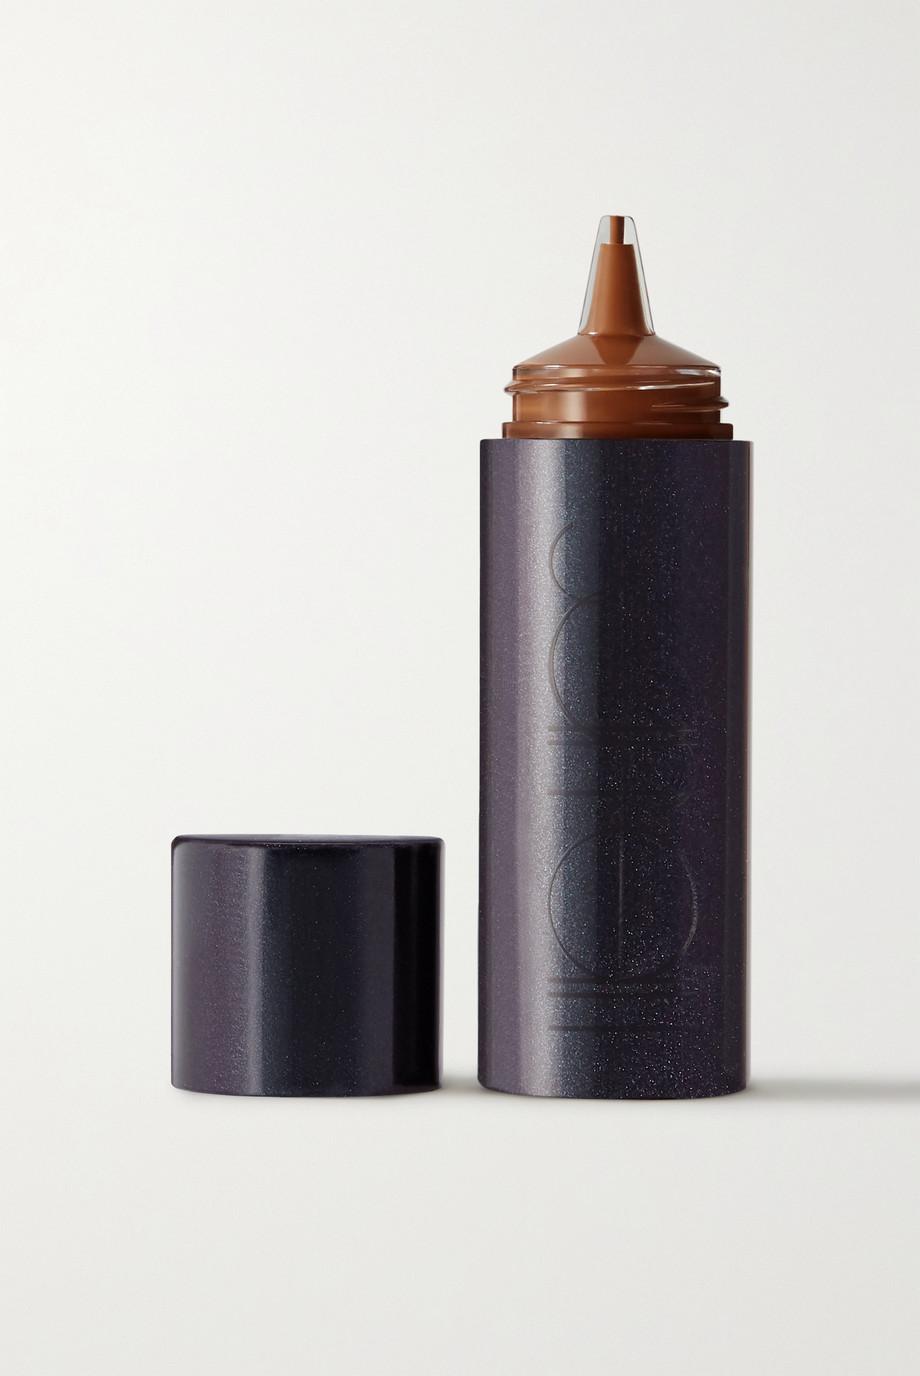 Surratt Beauty Fond de teint Dew Drop, 17, 19 ml